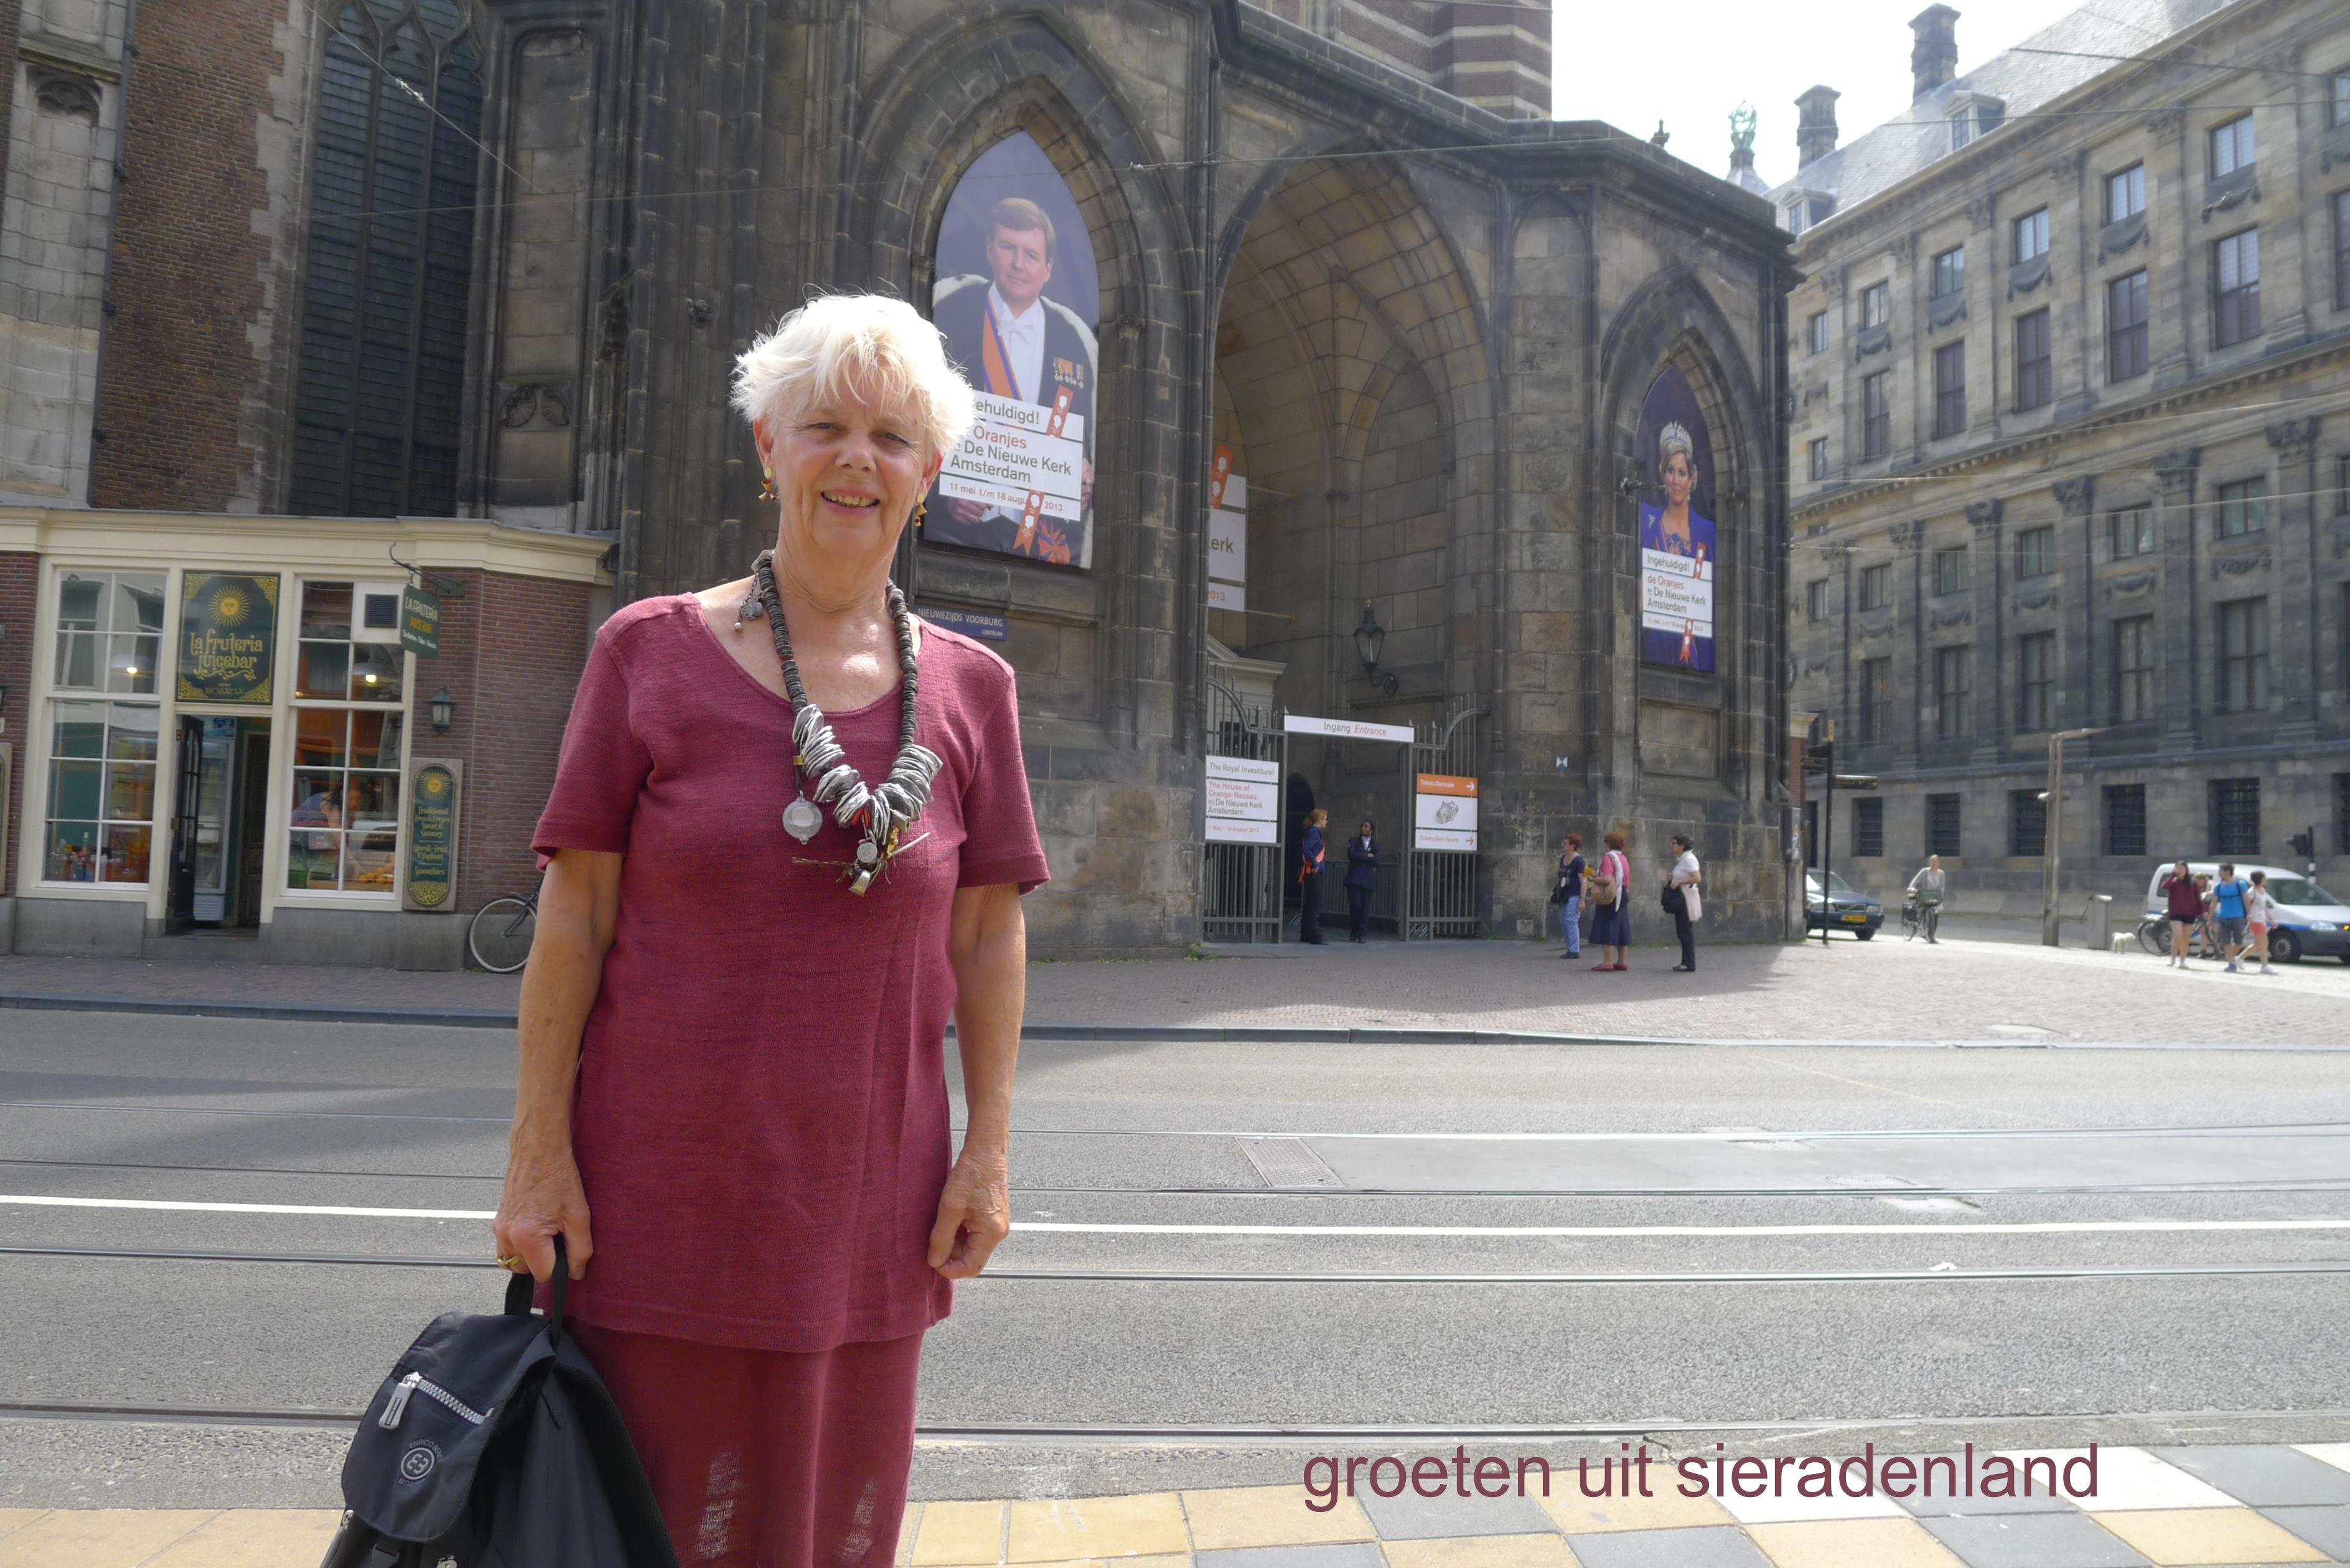 Claartje Keur, Zelfportret met halssieraad van Wim Vonk, Amsterdam, Nieuwe Kerk. Foto Claartje Keur